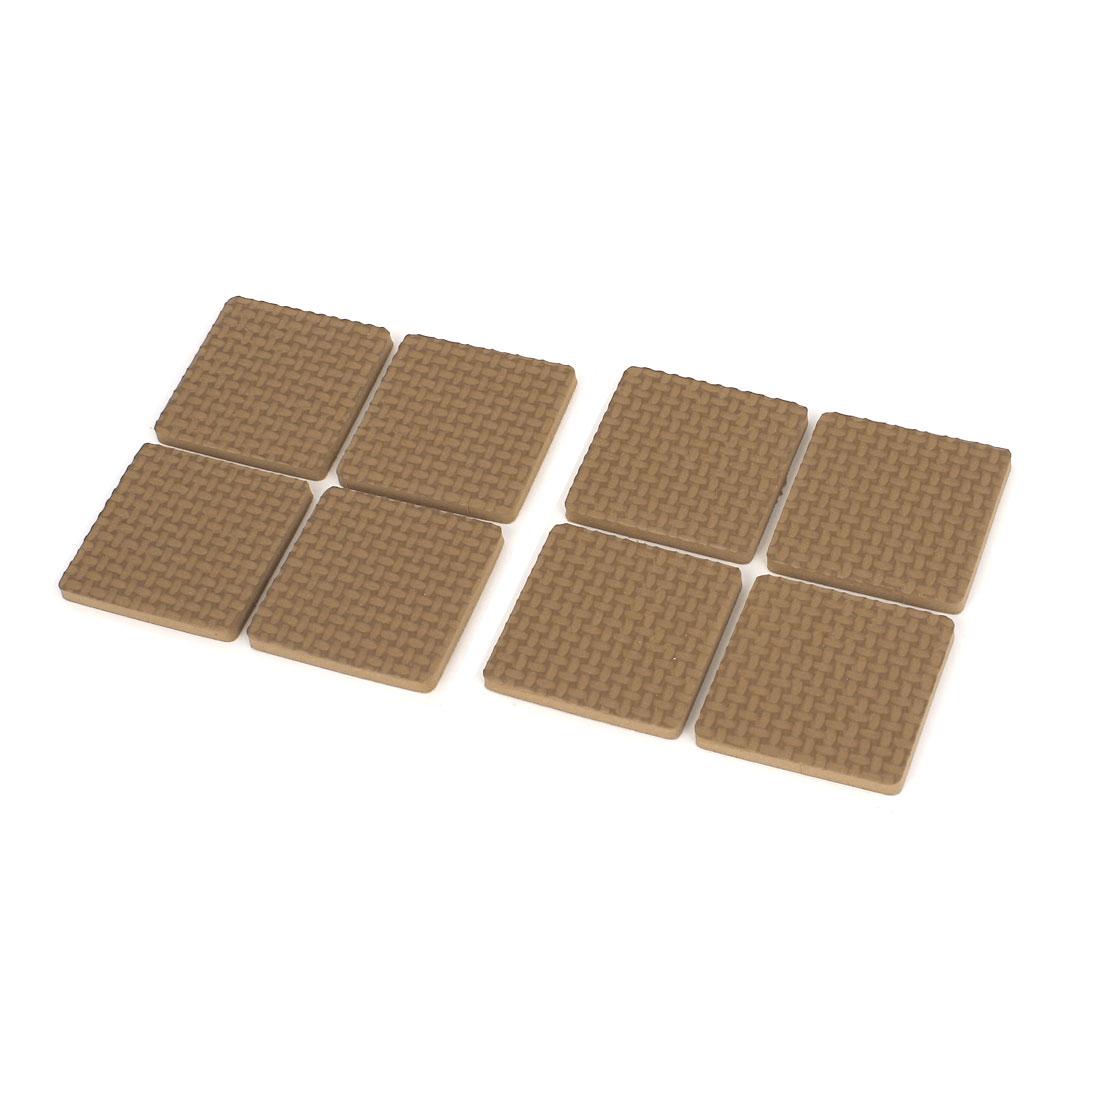 8pcs Self Adhesive Square EVA Pad Furniture Anti Skid Floor Protector Brown 38mm